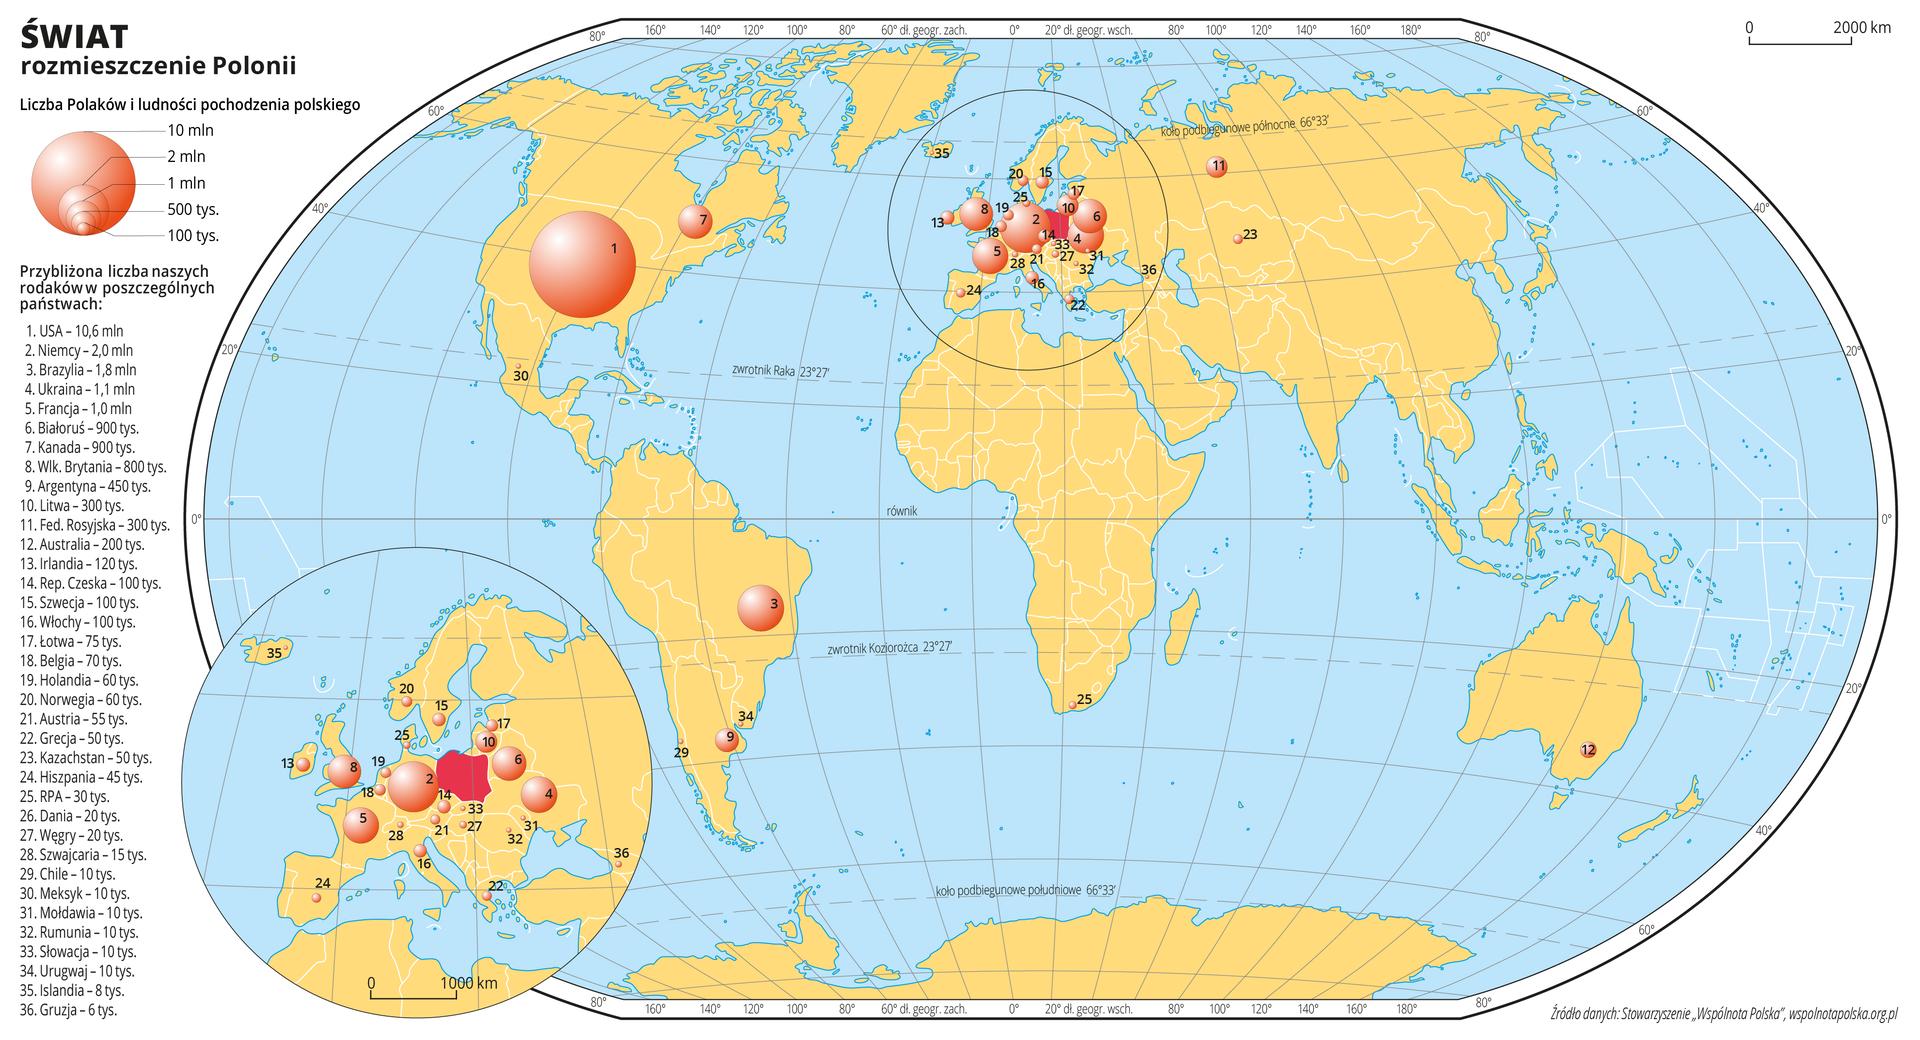 Ilustracja przedstawia mapę świata. Wody zaznaczono kolorem niebieskim. Na mapie za pomocą różnej wielkości kół zaznaczono liczbę Polaków mieszkającą winnych krajach. Największe kółko jest wStanach Zjednoczonych Ameryki Południowej (dziesięć milionów Polaków), duża ilość kółek znajduje się wkrajach Europejskich – największe kółko na tym obszarze jest wNiemczech – dwa miliony Polaków. Wcelu lepszej czytelności fragment mapy zobszarem Europy powiększono iumieszczono wlewym dolnym rogu mapy świata. Numerami od jeden do trzydzieści sześć opisano na mapie poszczególne państwa według malejącej liczby ludności pochodzenia polskiego.Mapa pokryta jest równoleżnikami ipołudnikami. Dookoła mapy wbiałej ramce opisano współrzędne geograficzne co dwadzieścia stopni.Po lewej stronie mapy narysowano koła różnej wielkości iobjaśniono ich wielkość wzależności od liczby ludności pochodzenia polskiego. Wypisano wszystkie trzydzieści sześć państw, wktórych mieszka ludność pochodzenia polskiego wraz znumerami, którymi oznaczono je na mapie iliczbą ludności pochodzenia polskiego.